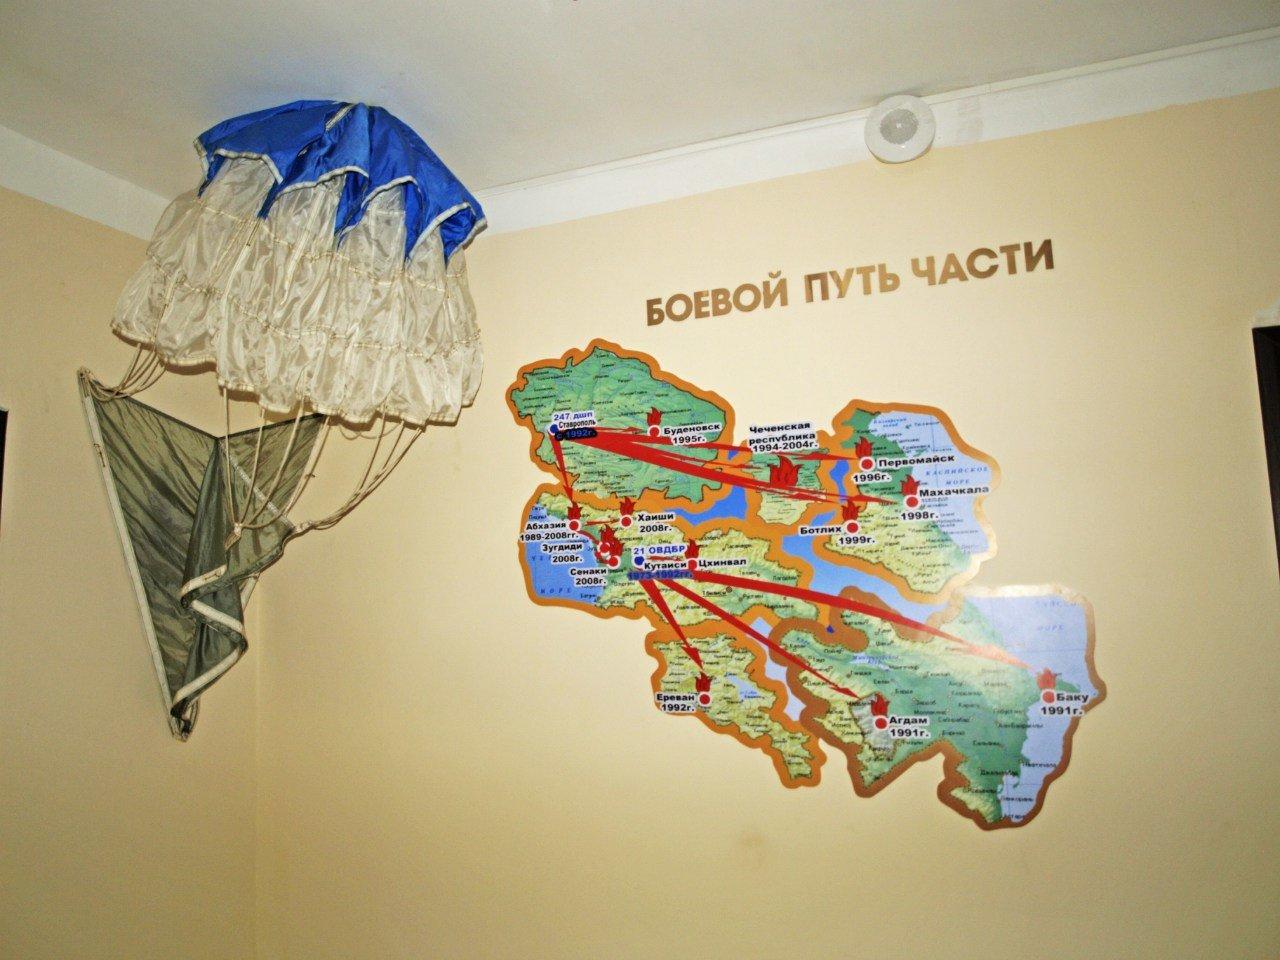 Ставропольских десантников задержали после кражи еды и маникюрной машинки в Ростовской области, фото-1